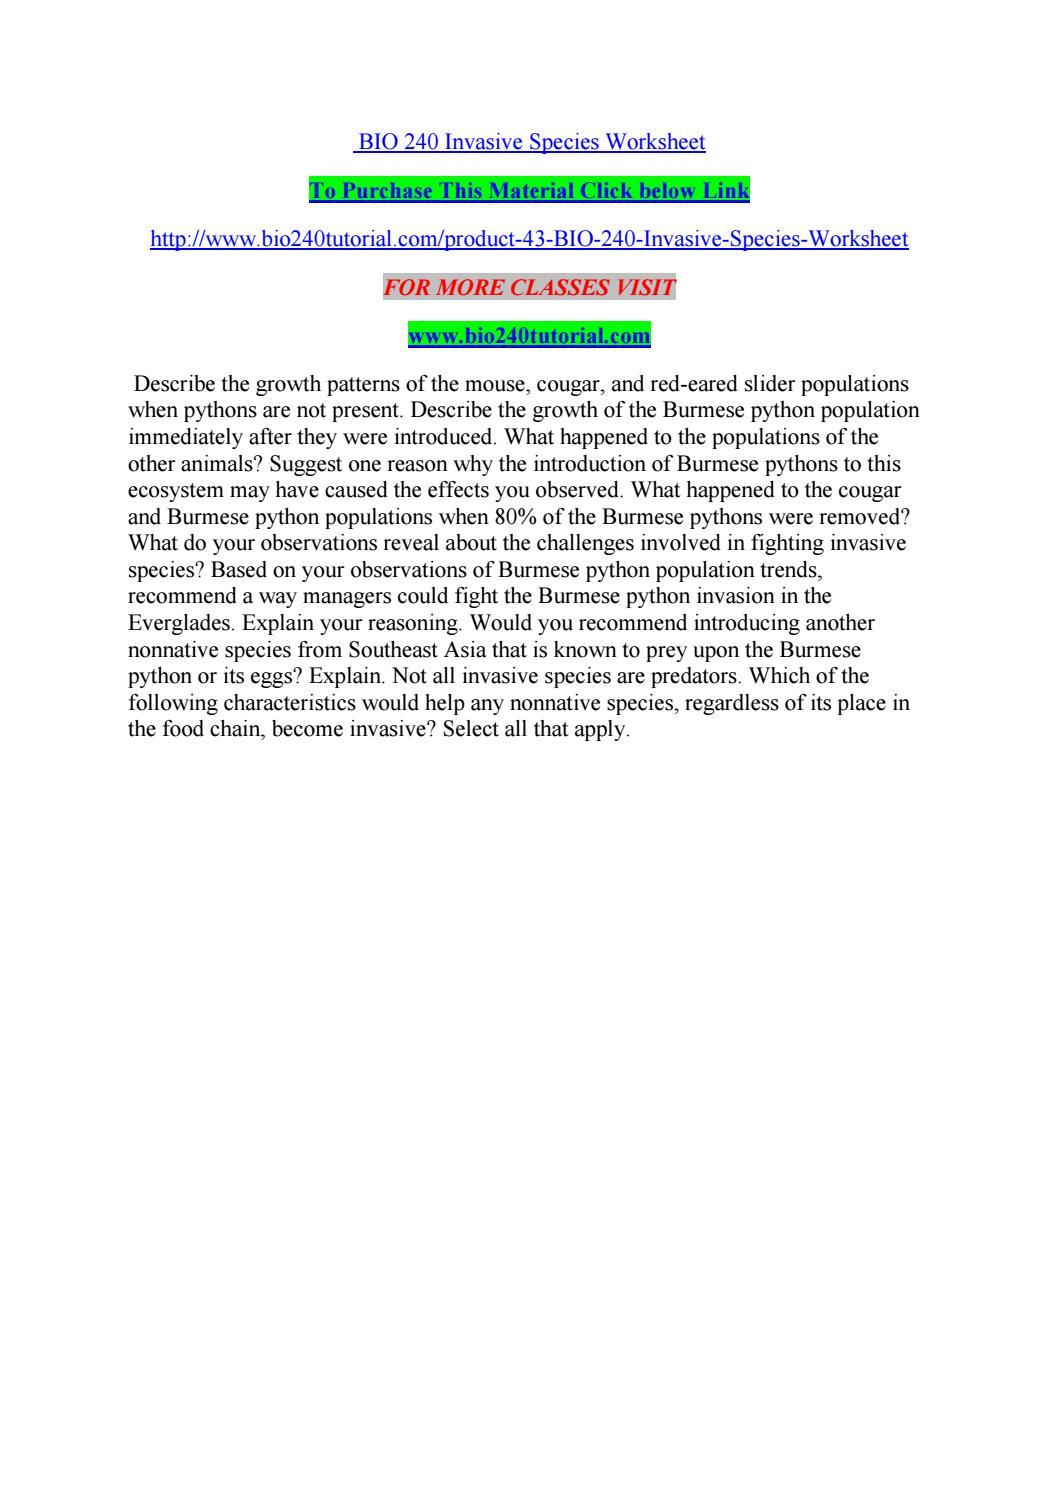 bio 240 invasive species worksheet by kelvinmanase02 issuu. Black Bedroom Furniture Sets. Home Design Ideas